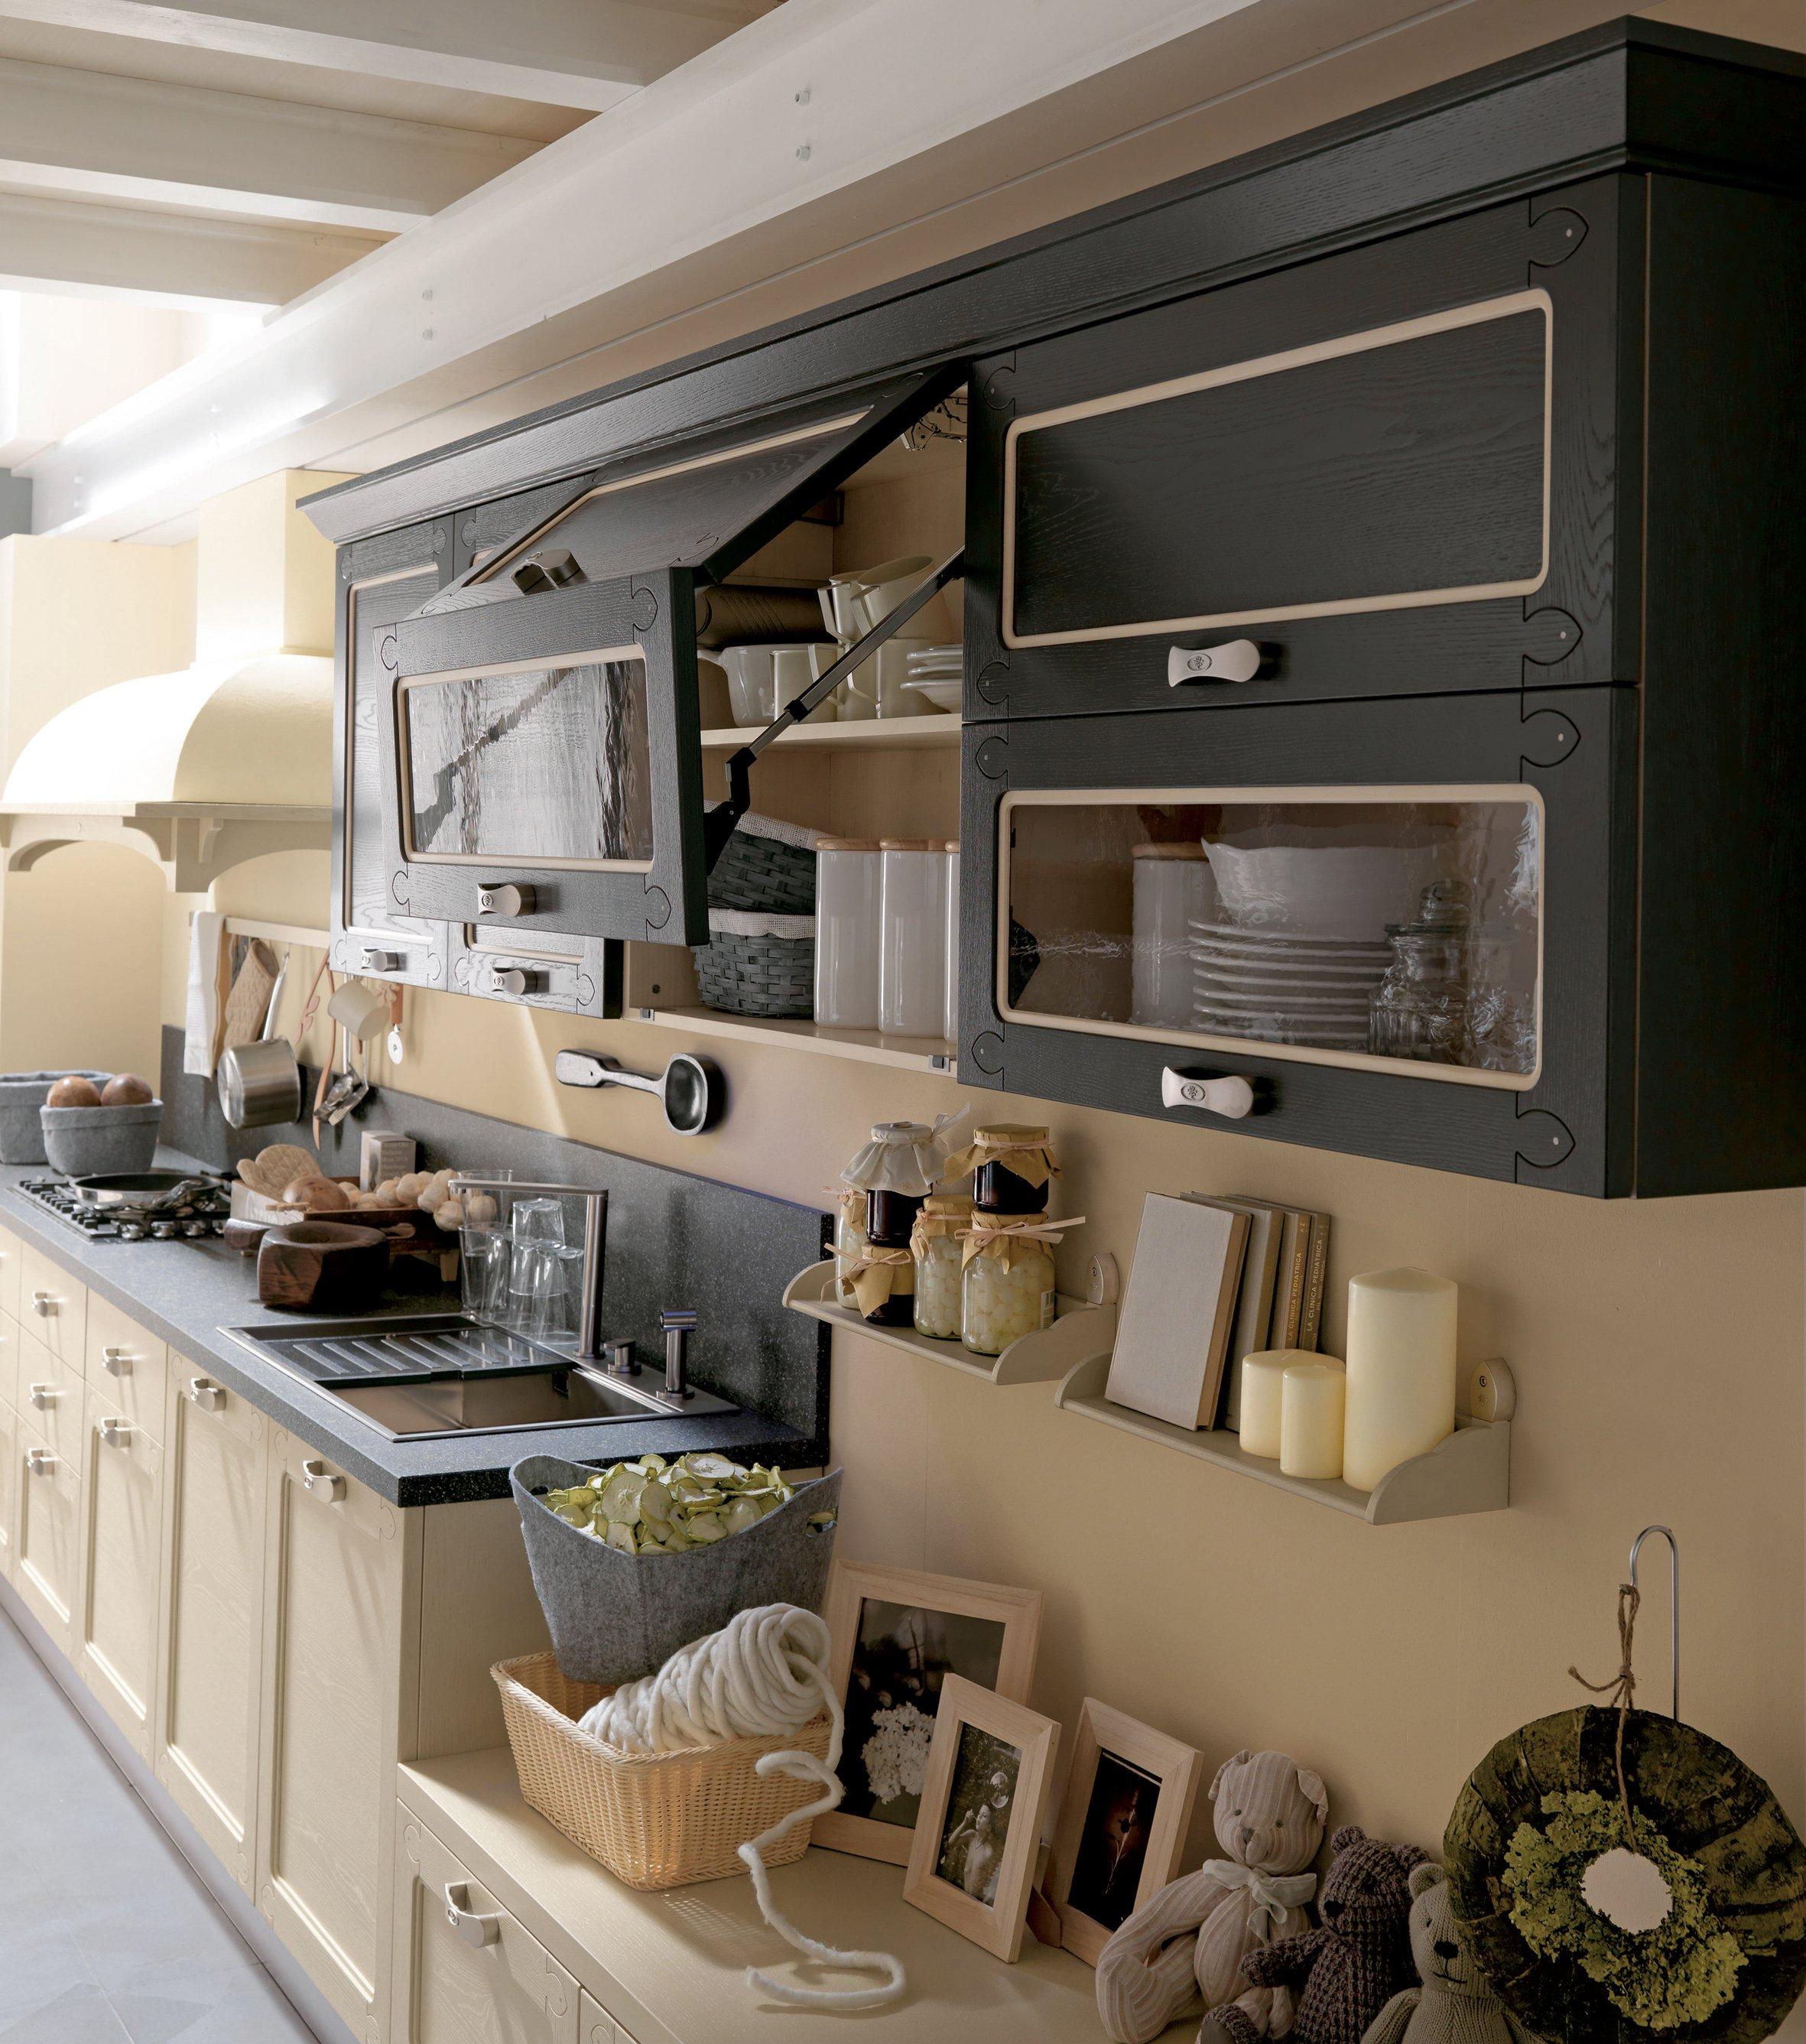 Cucine vani a vista coi pensili in vetro cose di casa - Pensili per cucina ...